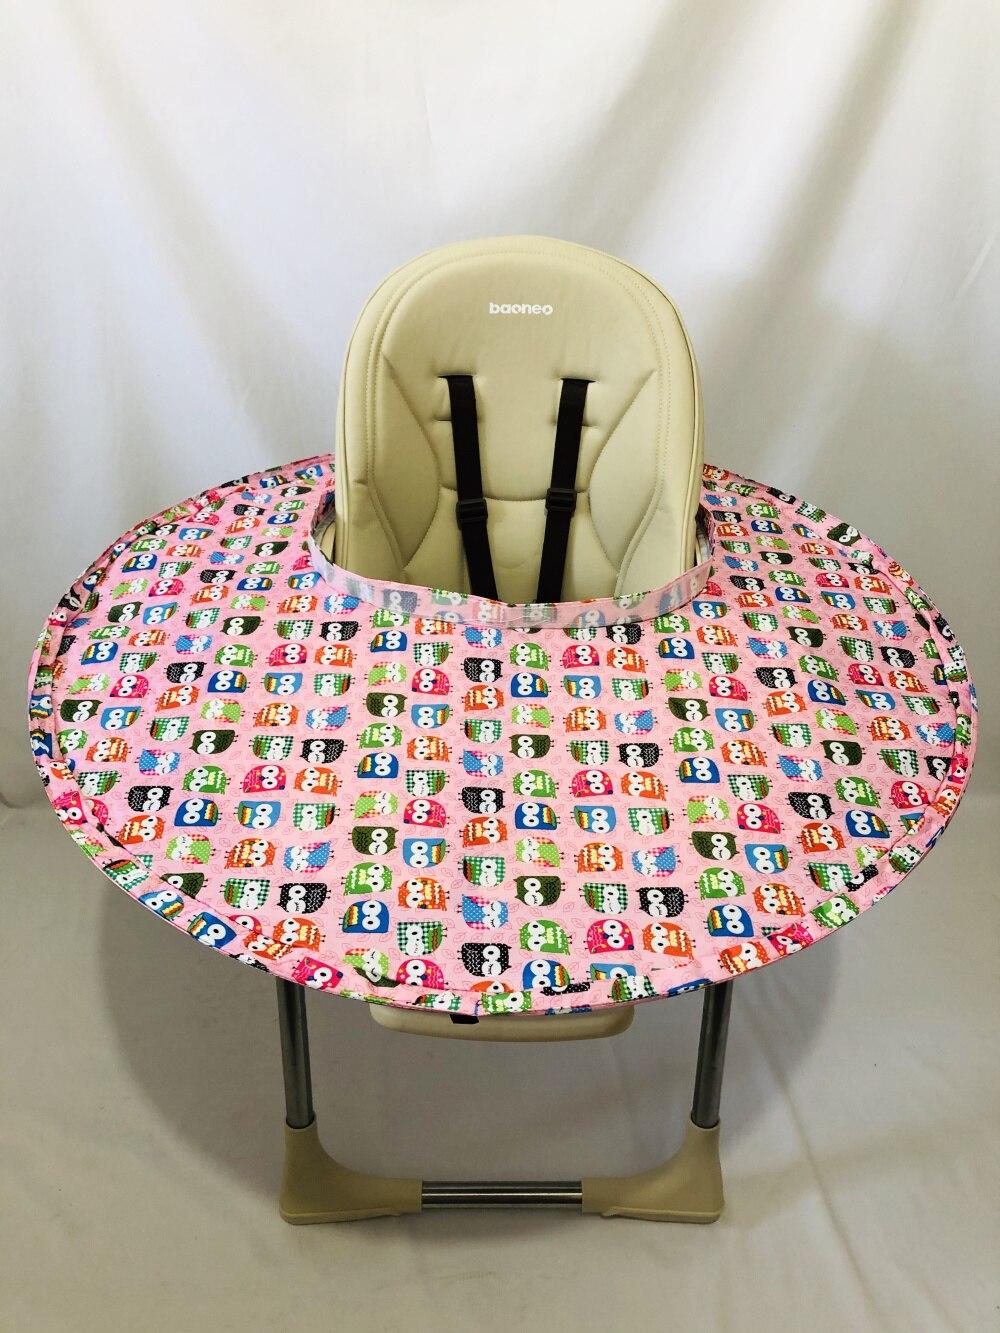 6 цветов ресторанное и домашнее детское блюдце для кормления, чехол на стульчик для кормления, зародыши предотвращает падение еды и игрушек на пол - Цвет: Owl Saucer